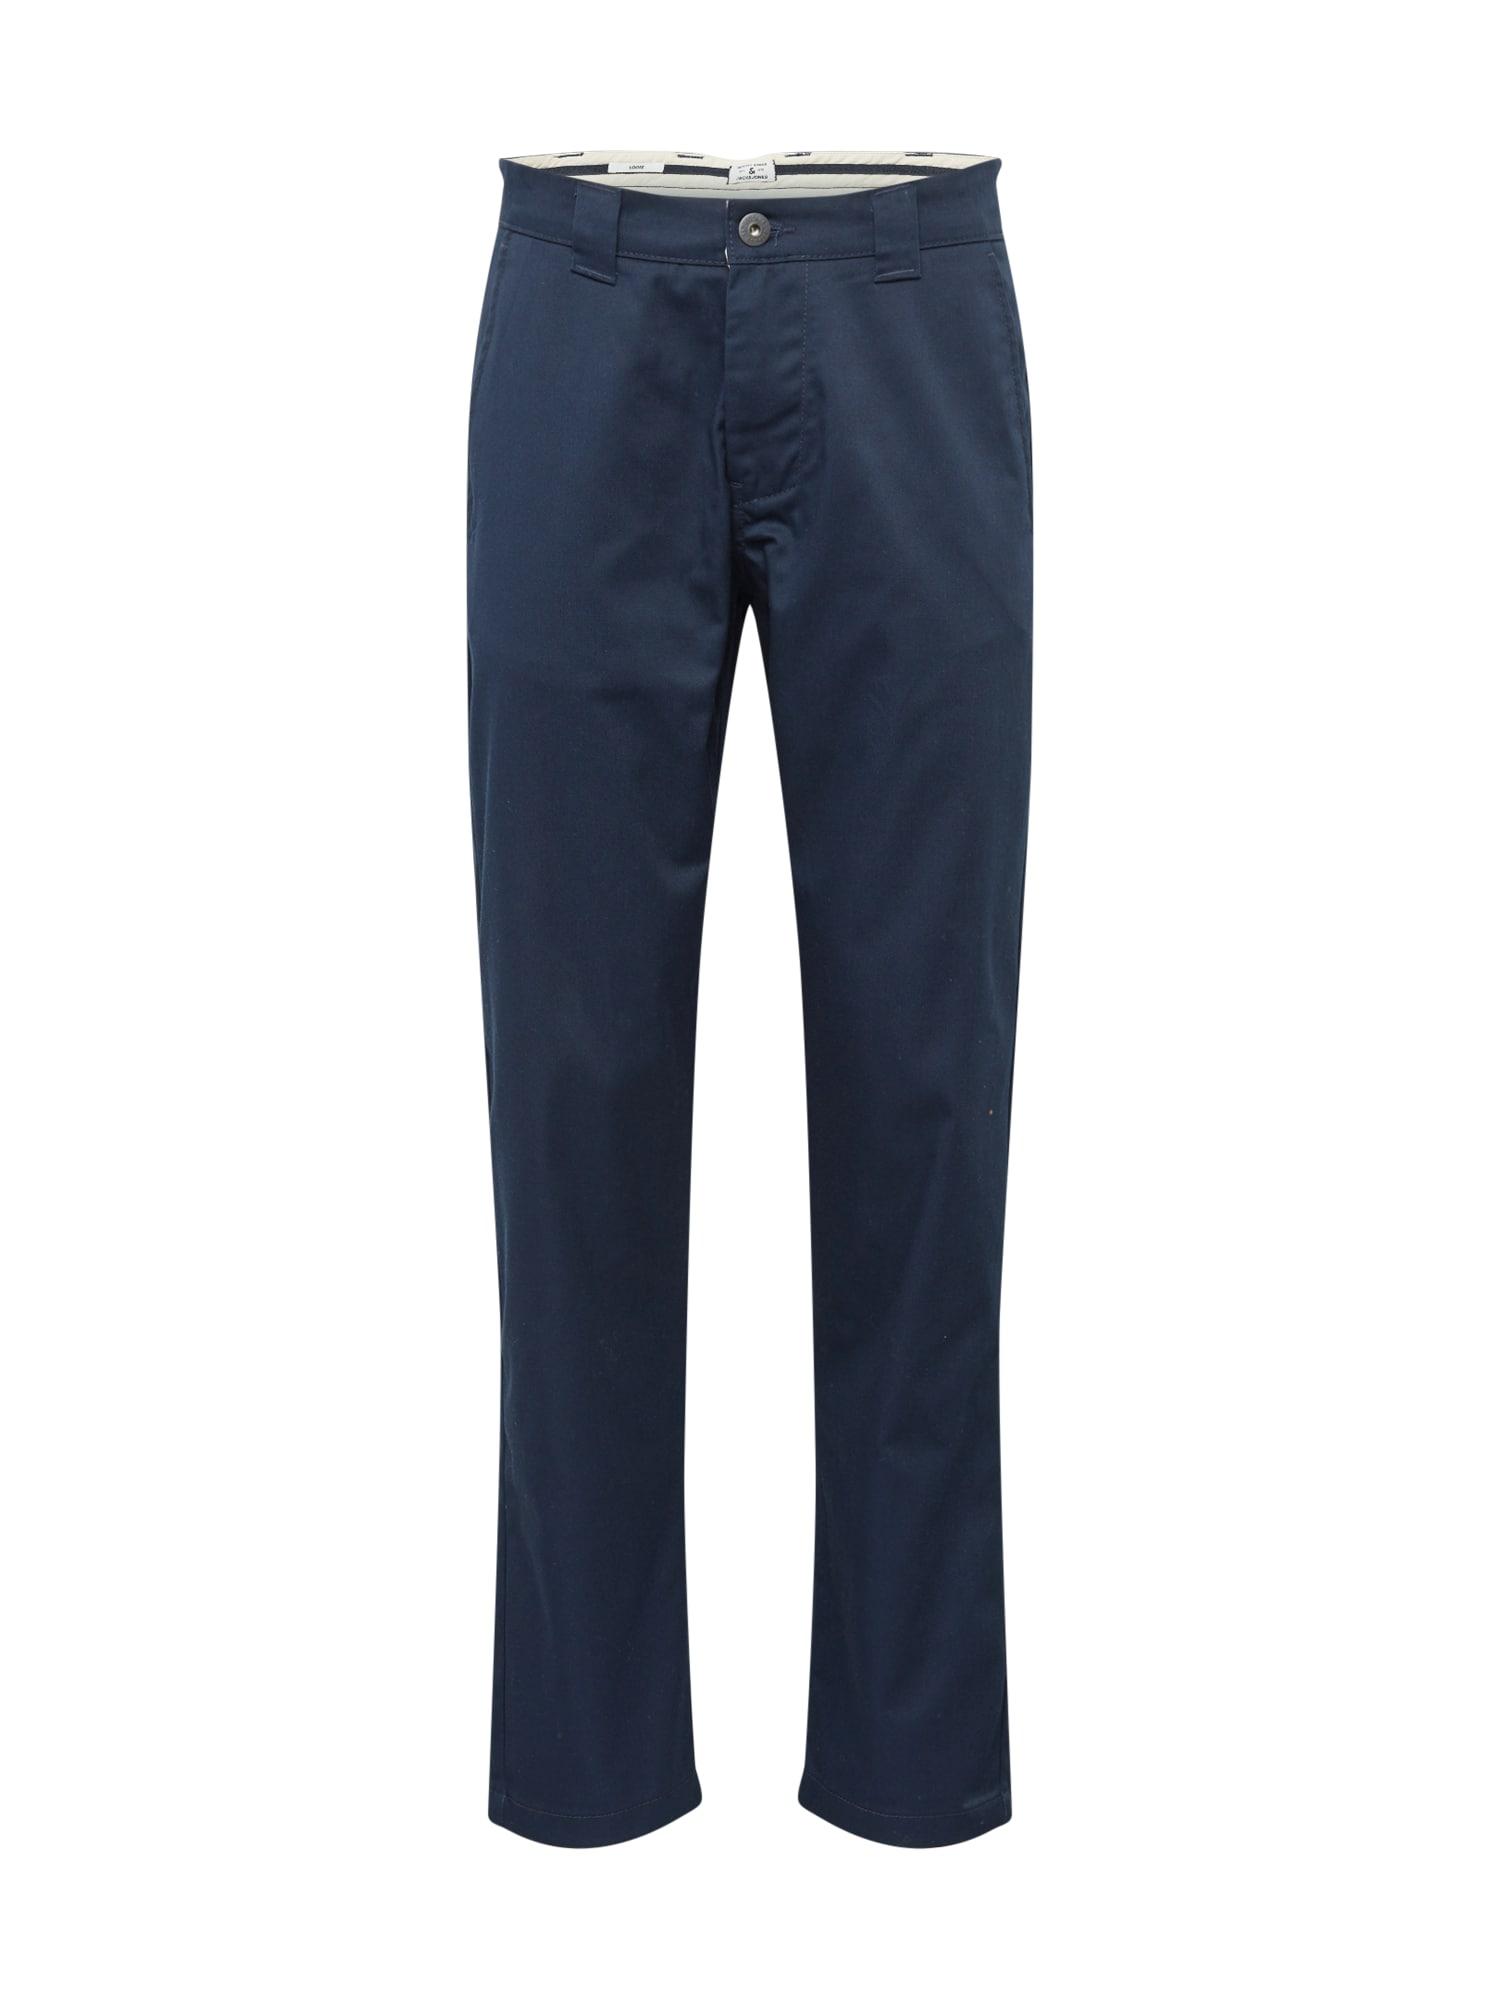 JACK & JONES Chino kalhoty 'TOBIS '  námořnická modř